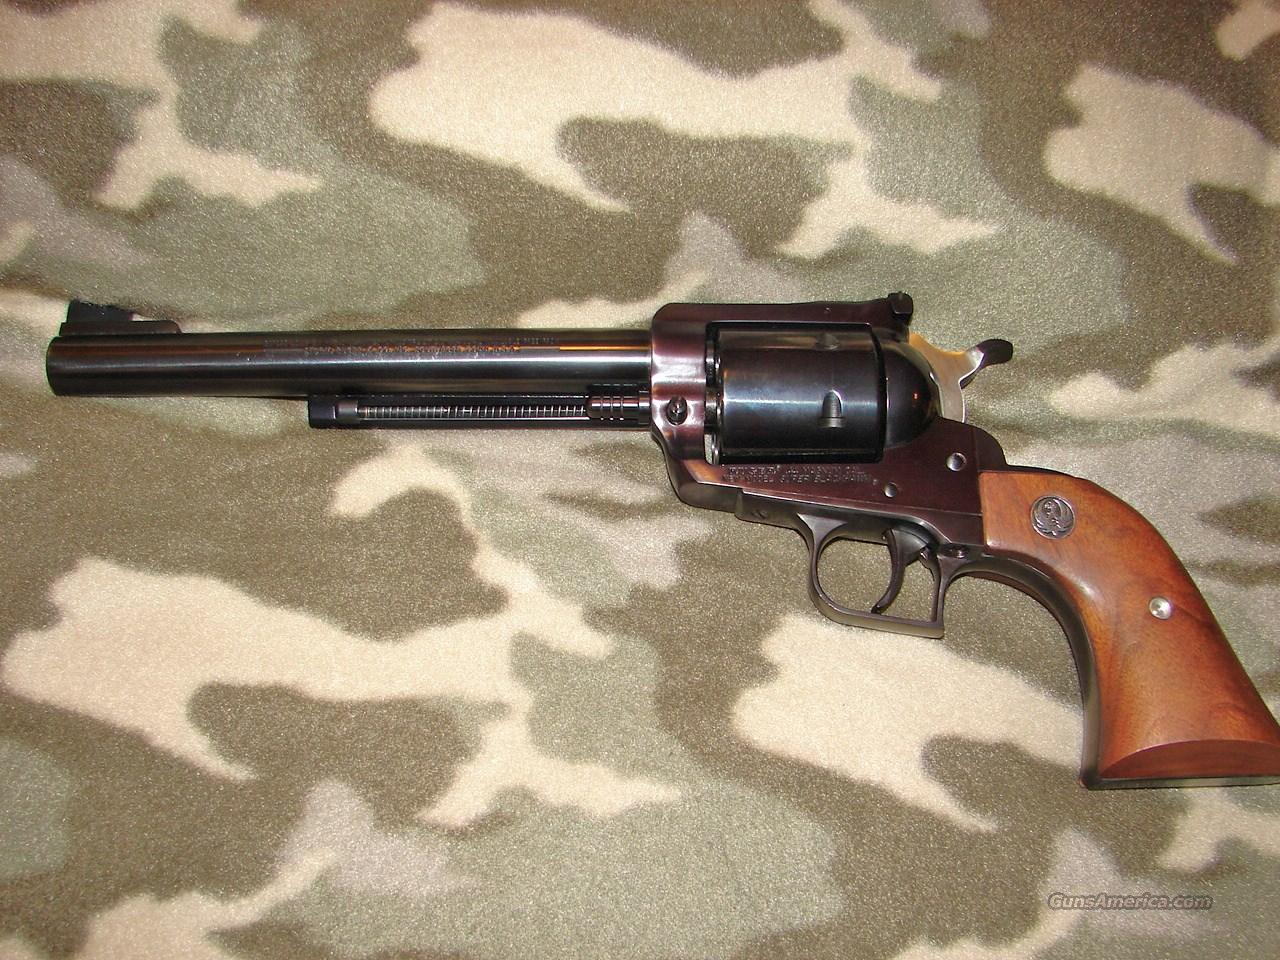 Ruger NM Super Blkhwk  Guns > Pistols > Ruger Single Action Revolvers > Blackhawk Type